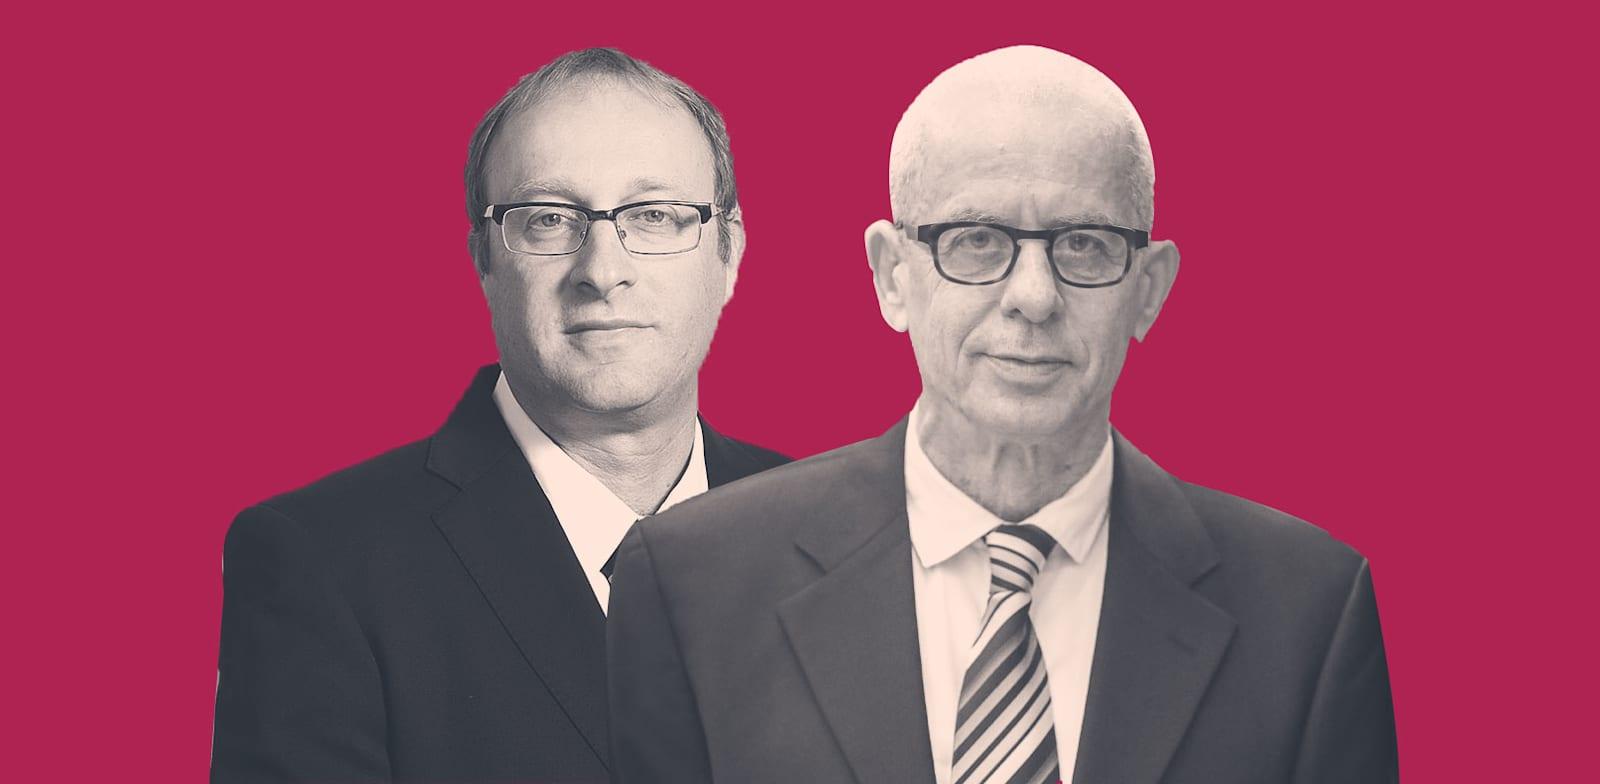 עורכי הדין גיורא ארדינסט ודור שחם / צילום: איל יצהר ושלומי יוסף